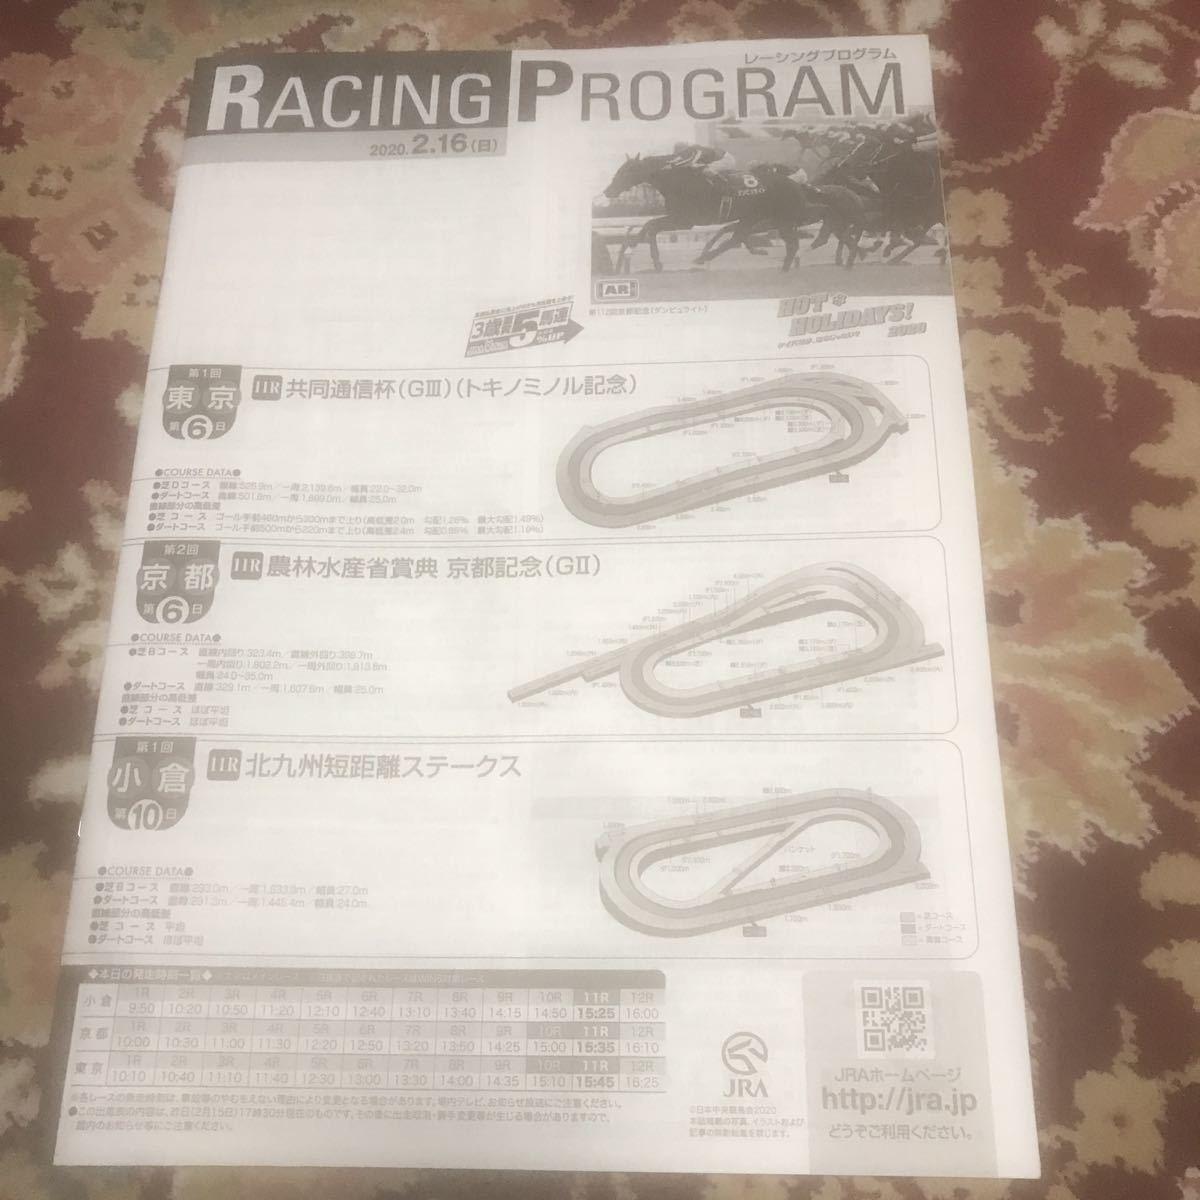 JRAレーシングプログラム2020.2.16(日)共同通信杯(GⅢ)、京都記念(GⅡ)、北九州短距離ステークス_画像1